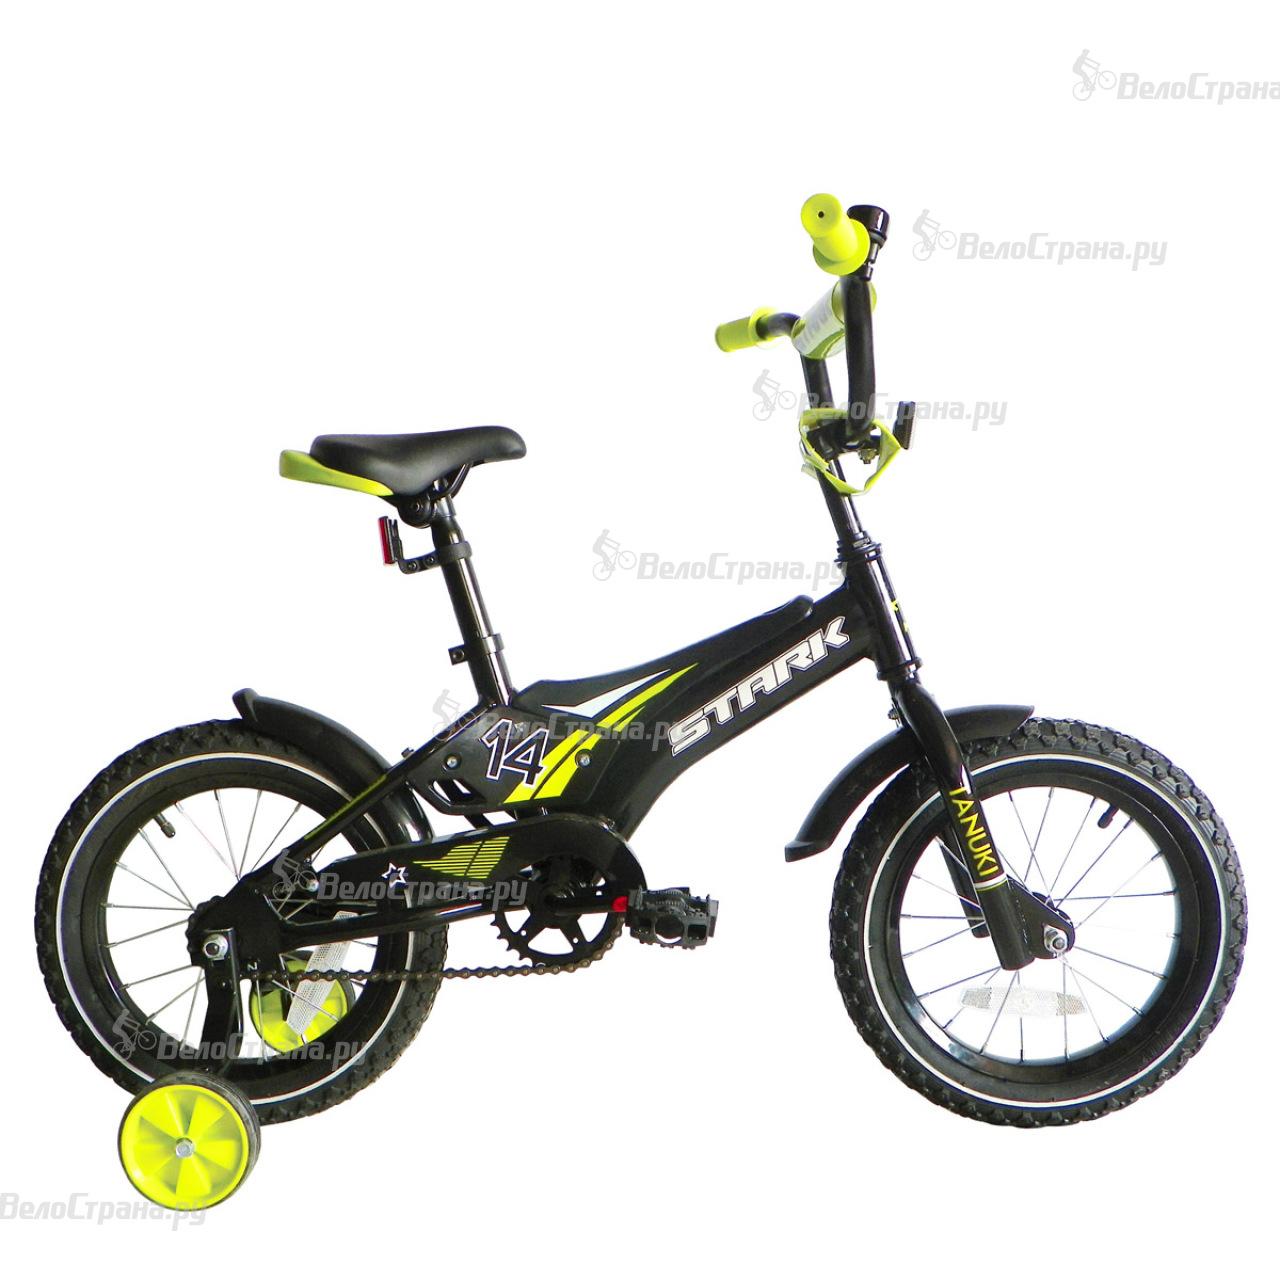 Велосипед Stark Tanuki 14 Boy (2017) велосипед stark tanuki 14 boy st 2017